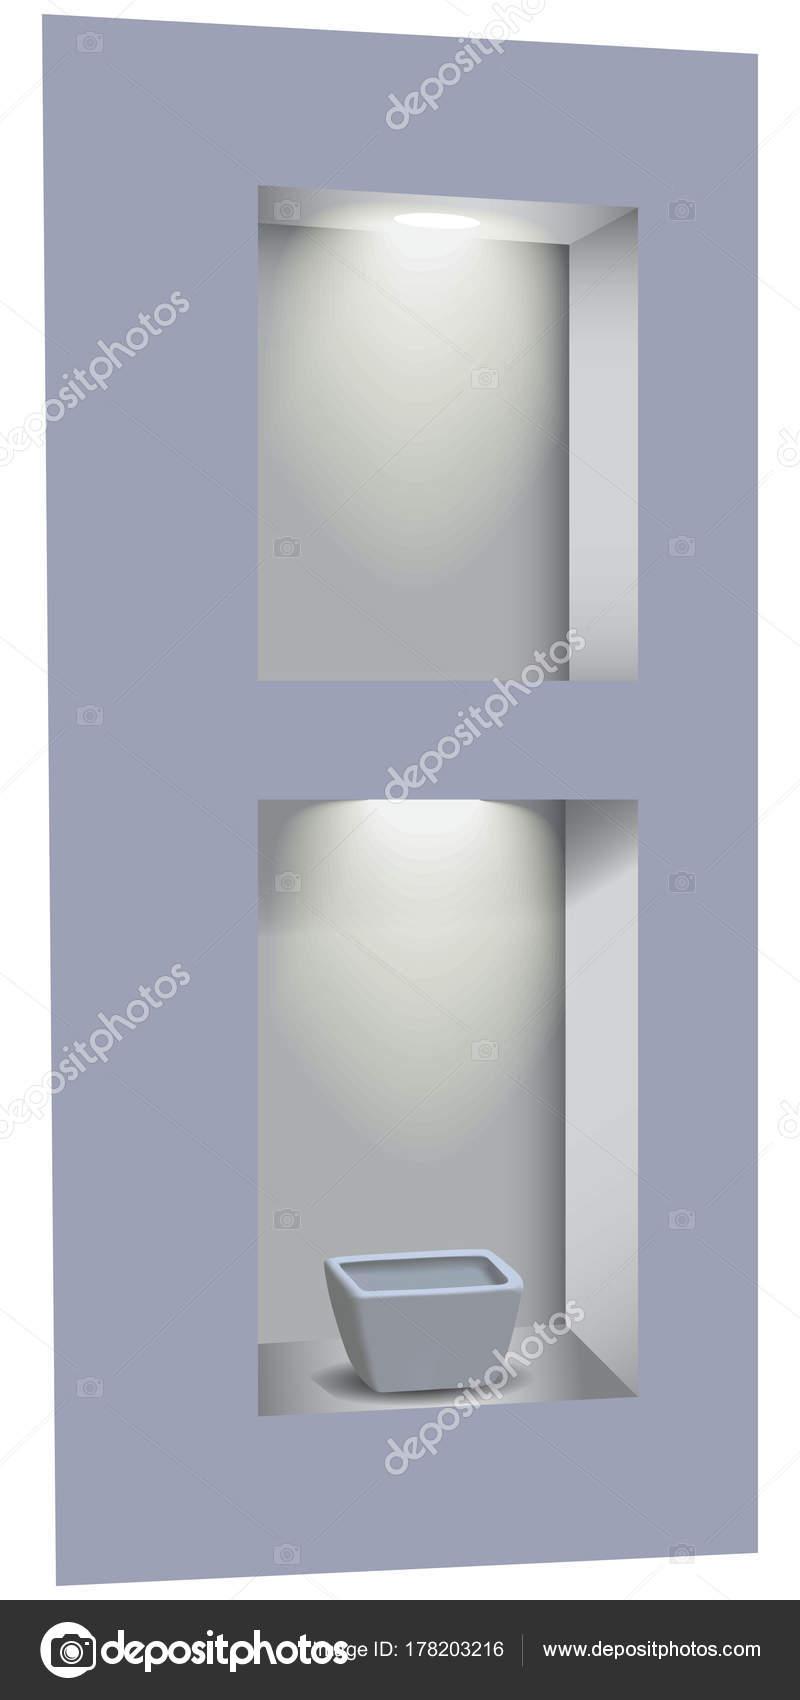 Dwie Wnęki W ścianie Oświetlone Z Góry Przez Diody Led